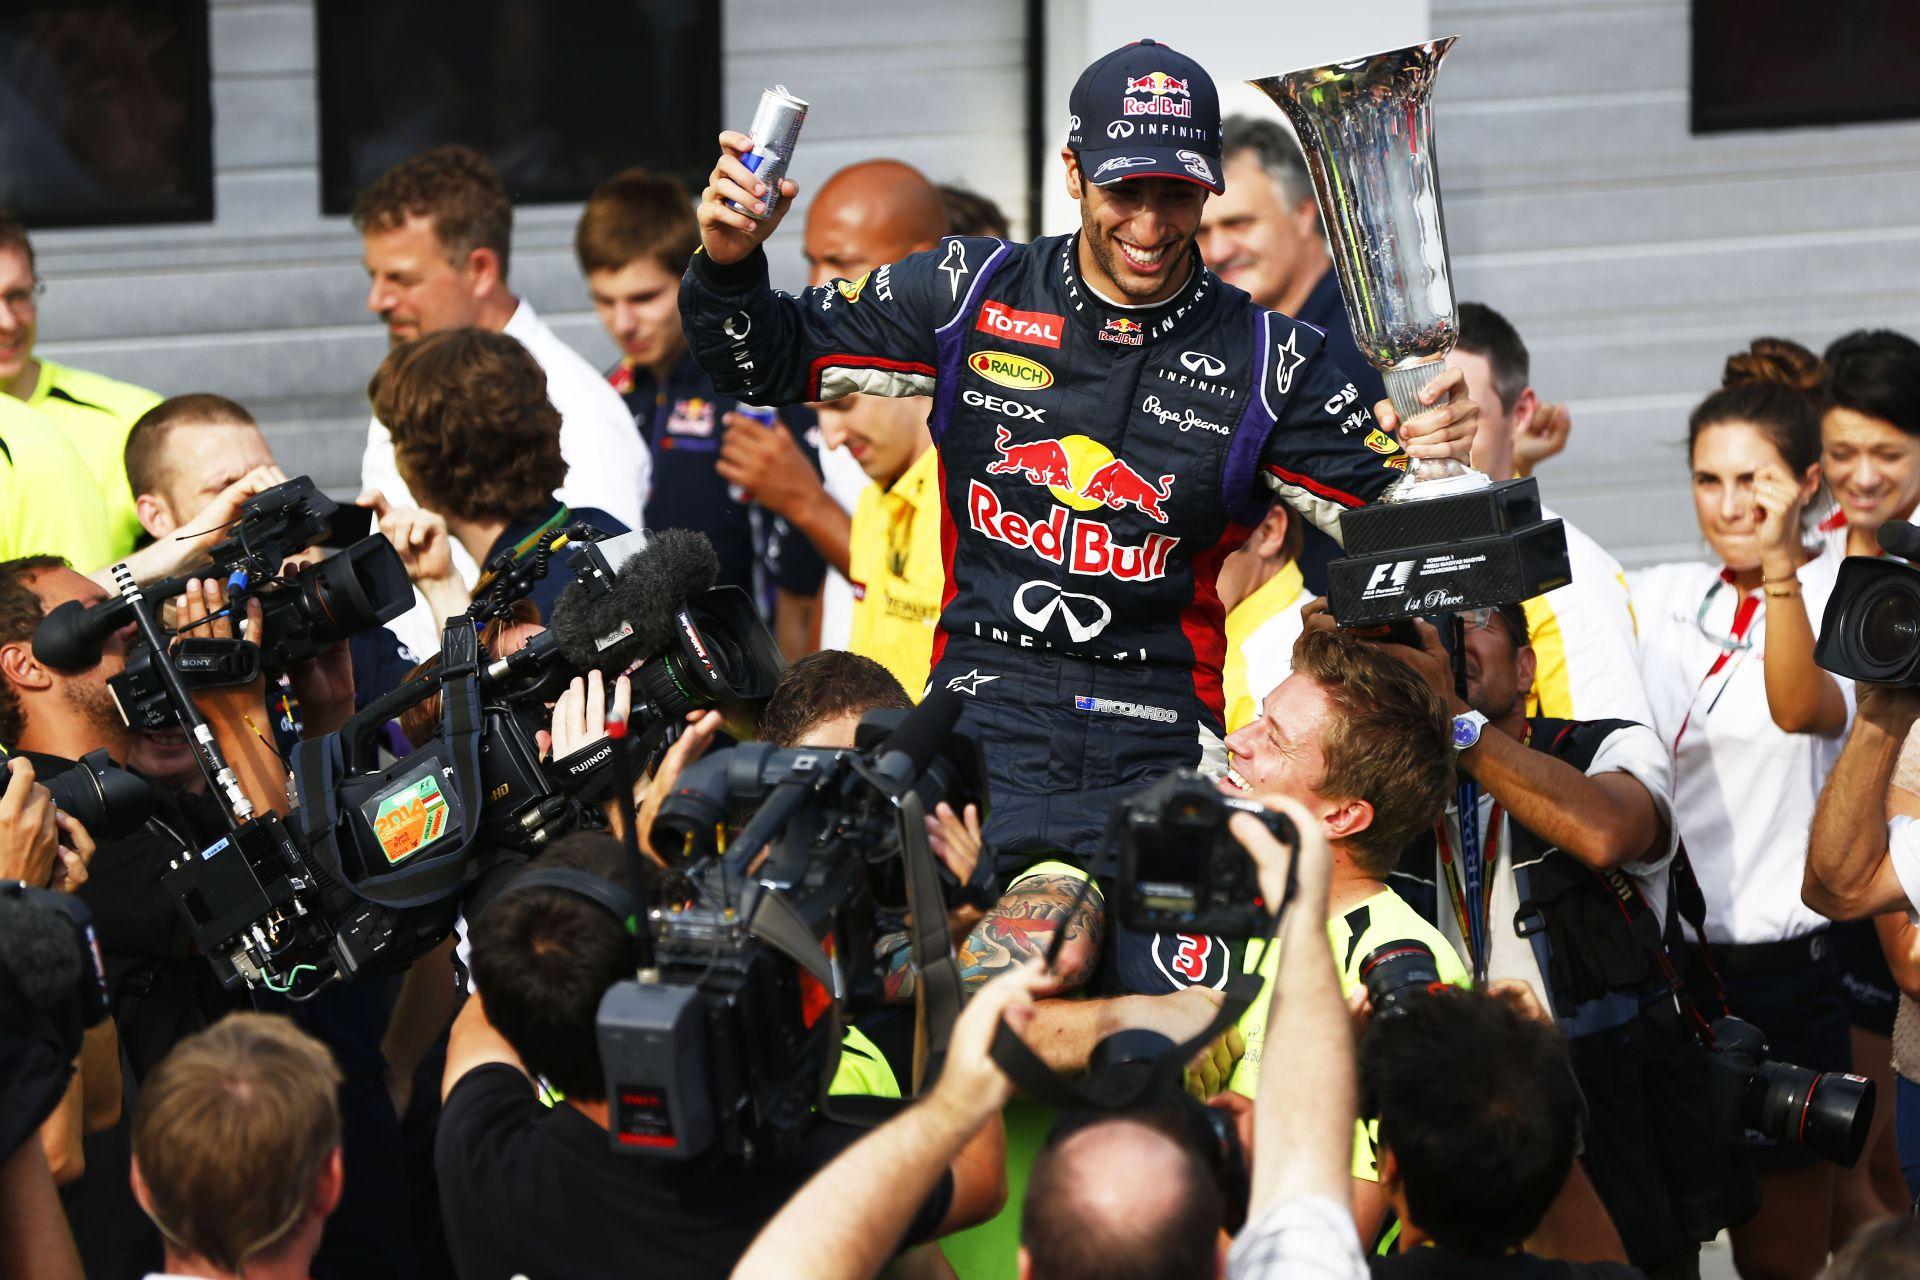 Ricciardo rádióüzenete a Magyar Nagydíjról: Megőrült az ausztrál a győzelme után